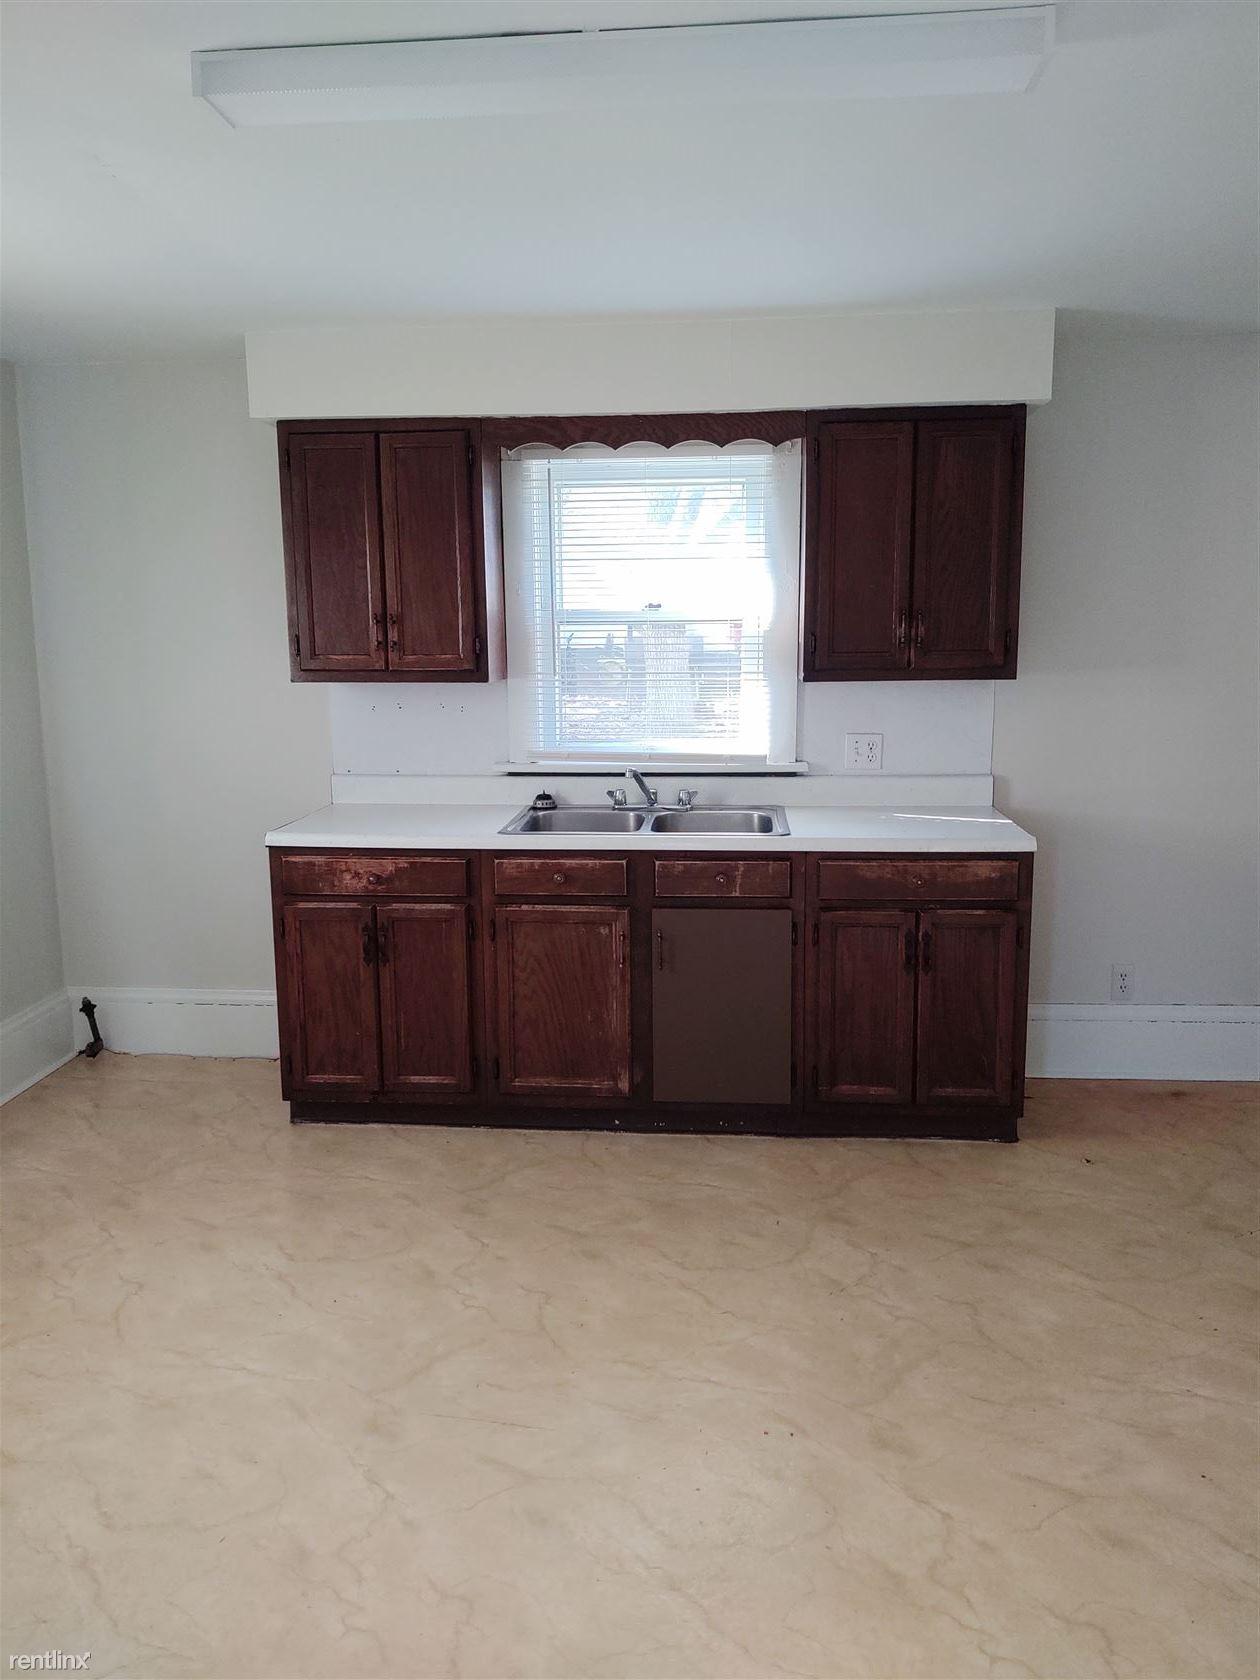 239 Maple St, Ashland, OH - $555